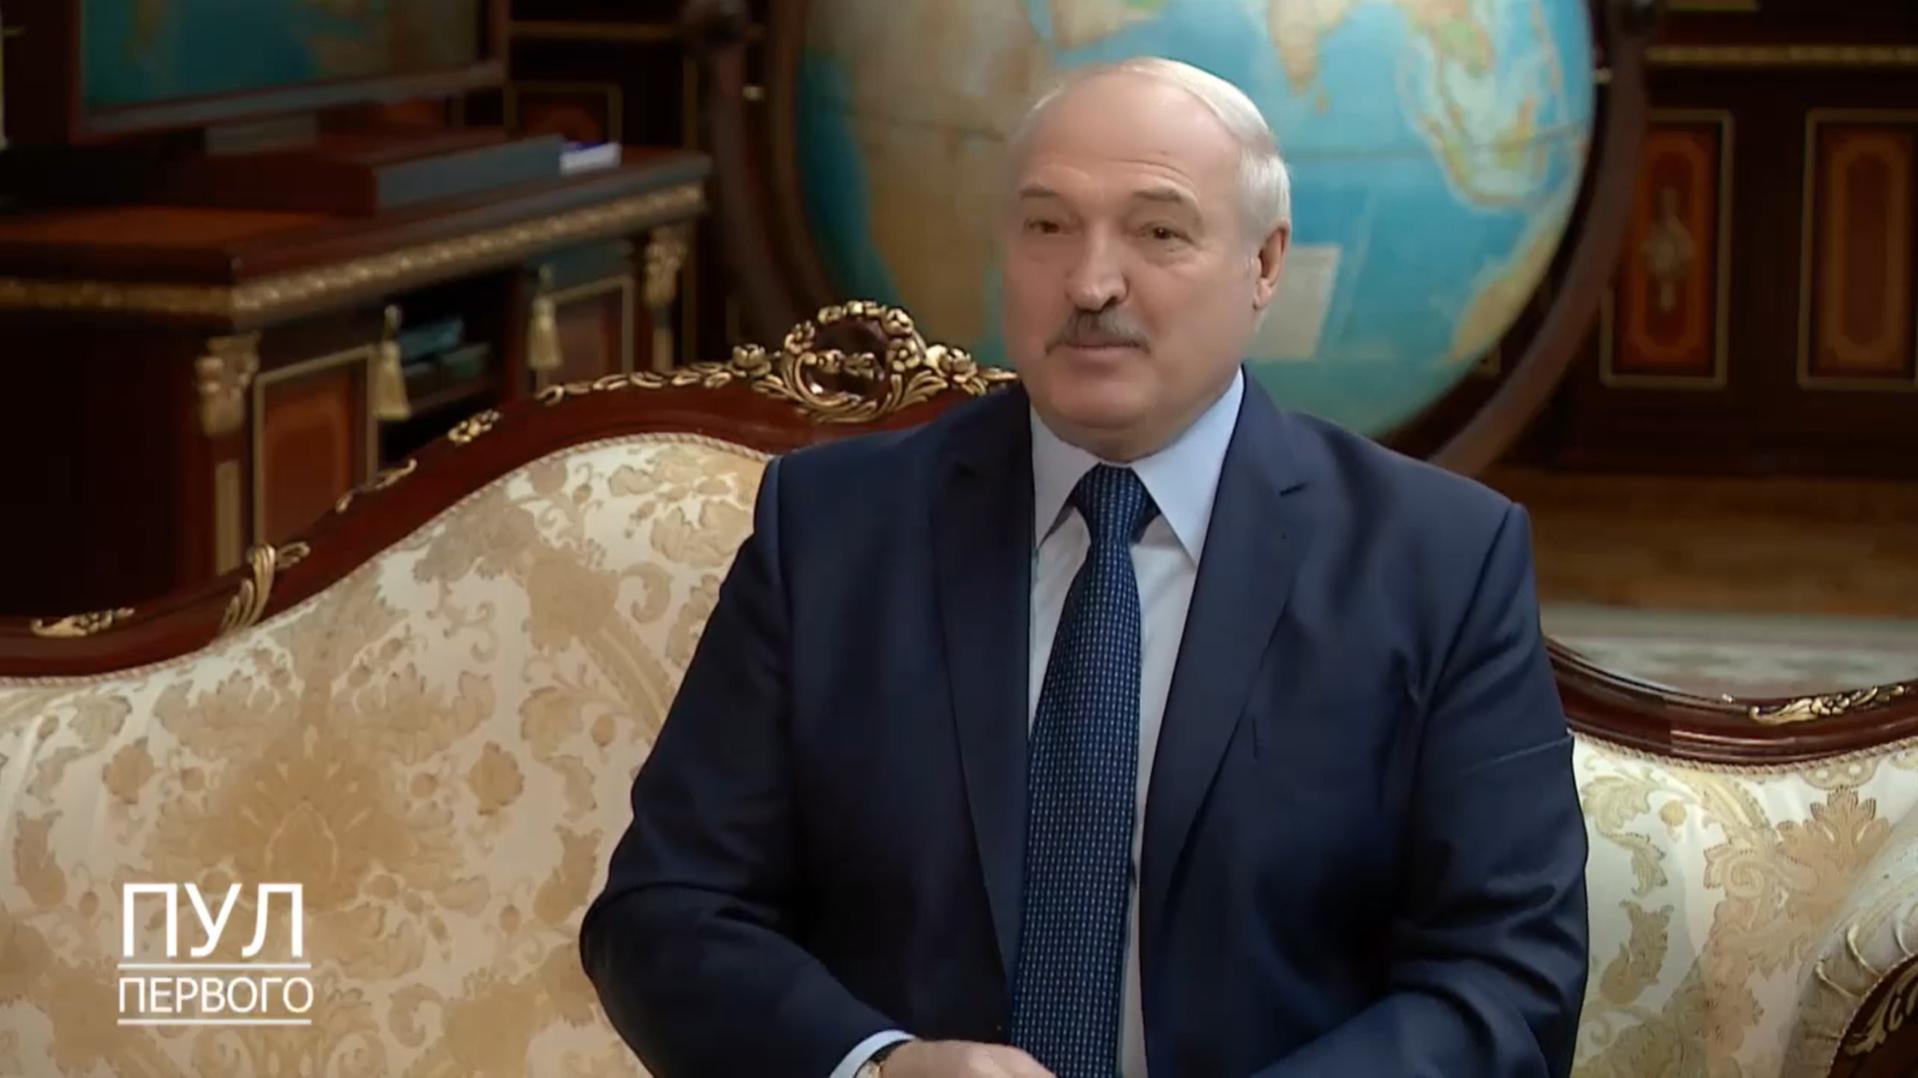 Видео:Пул Первого/Telegram